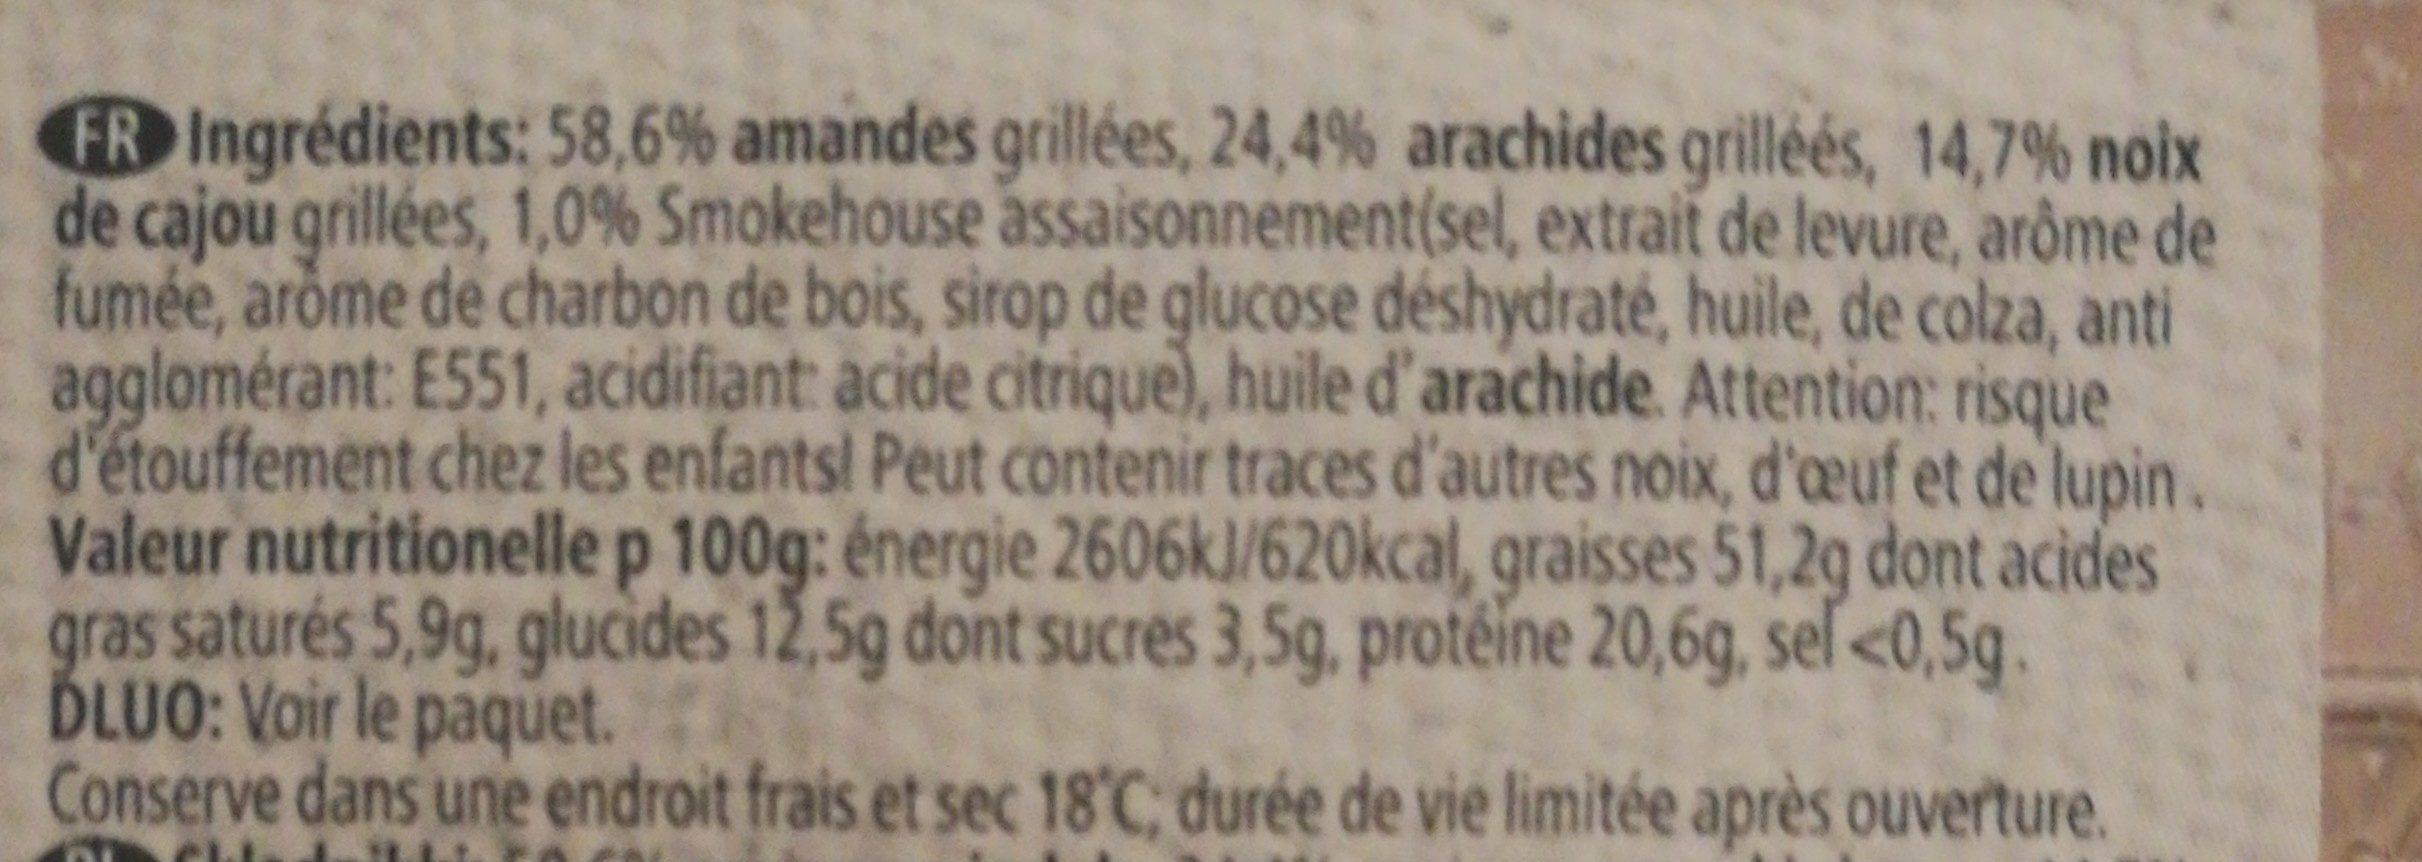 Melange de noix au gout fumé - Ingrédients